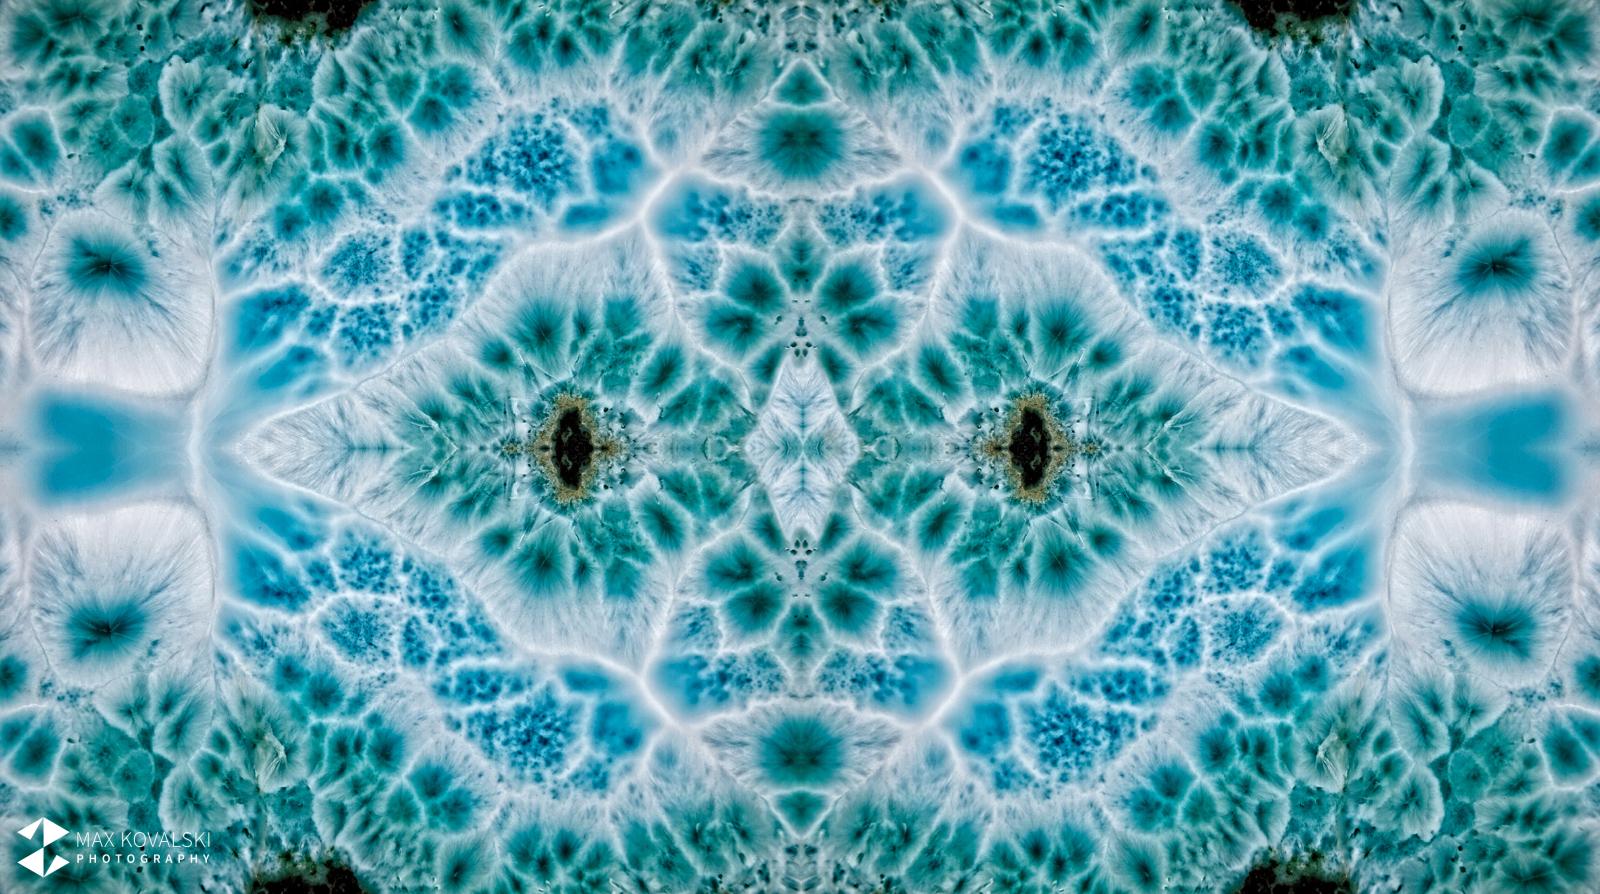 משטח לרימר. צילום ועריכה: מקס קובלסקי Photo by Max Kovalski www.maxkov.com